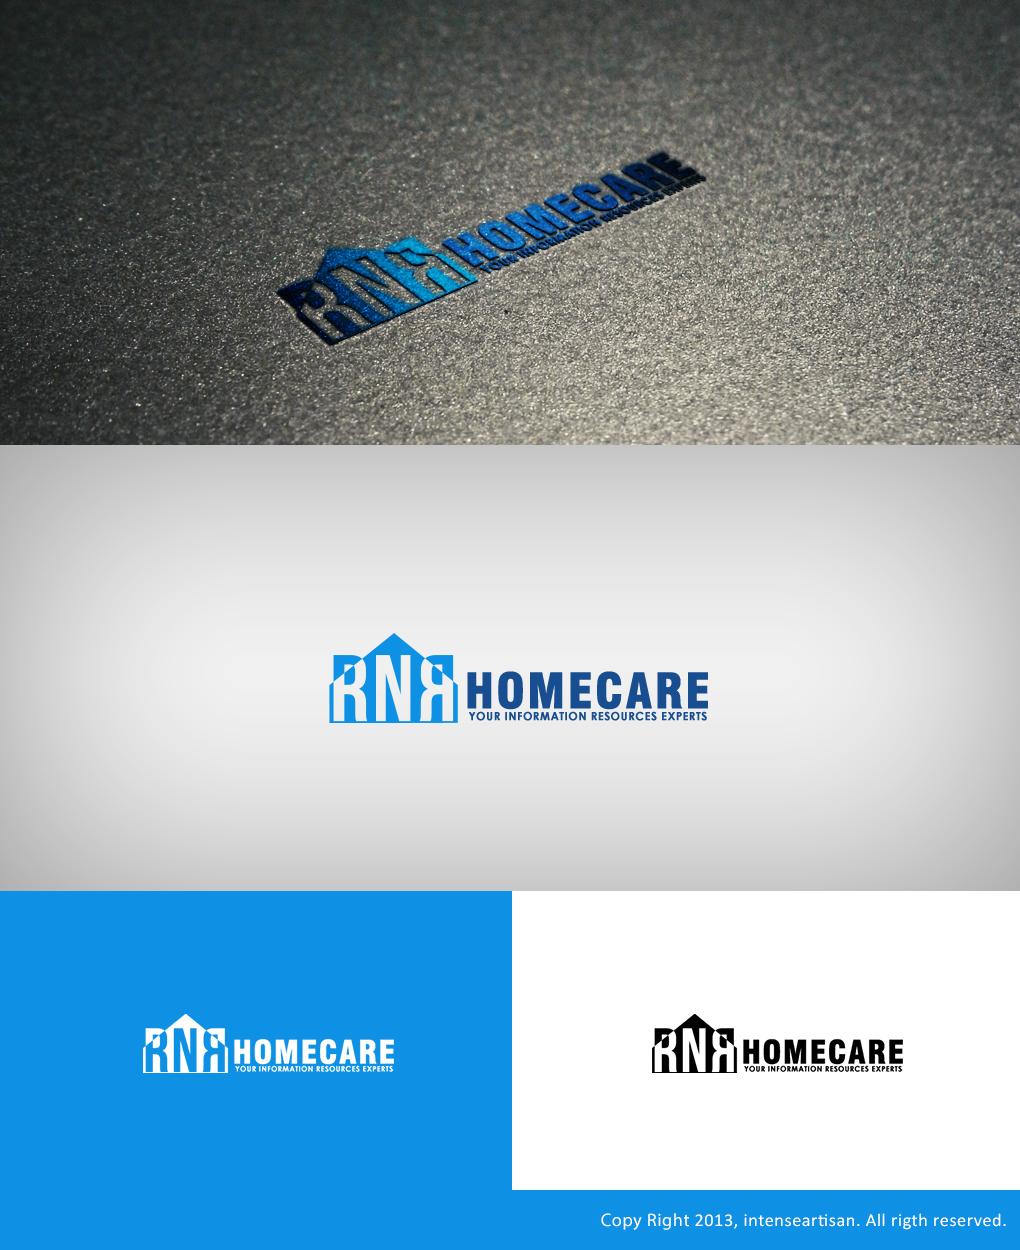 Logo Design by Virgilio Pineda III - Entry No. 122 in the Logo Design Contest Imaginative Logo Design for RNR HomeCare.